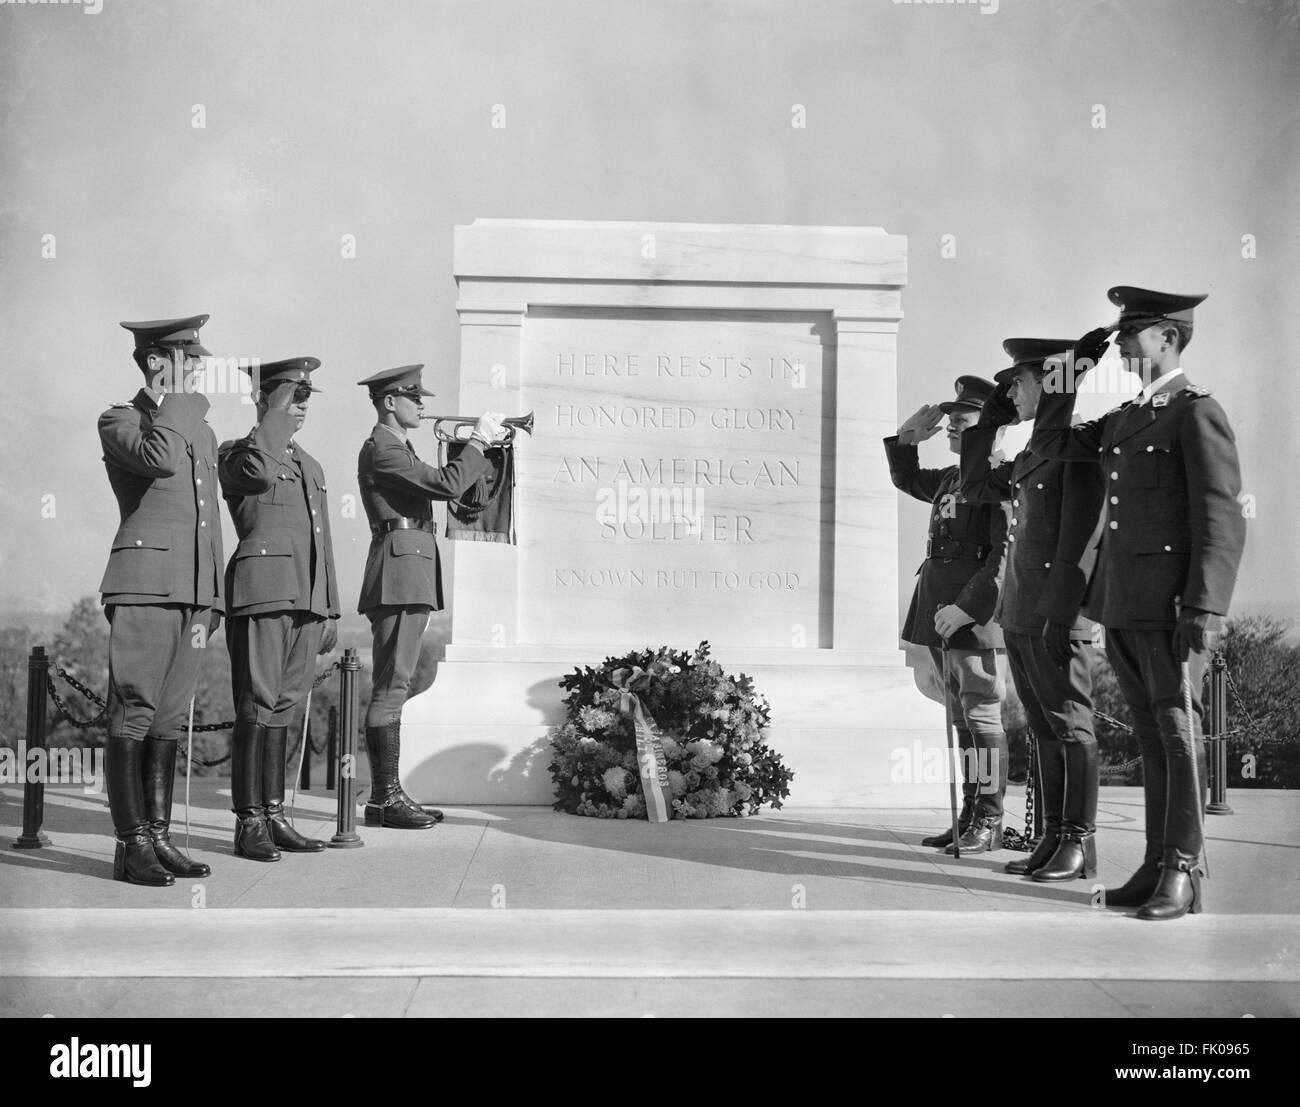 Soldaten salutieren am Grab des unbekannten Soldaten, Arlington Nationalfriedhof Arlington, Virginia, USA, 20. Oktober, Stockbild